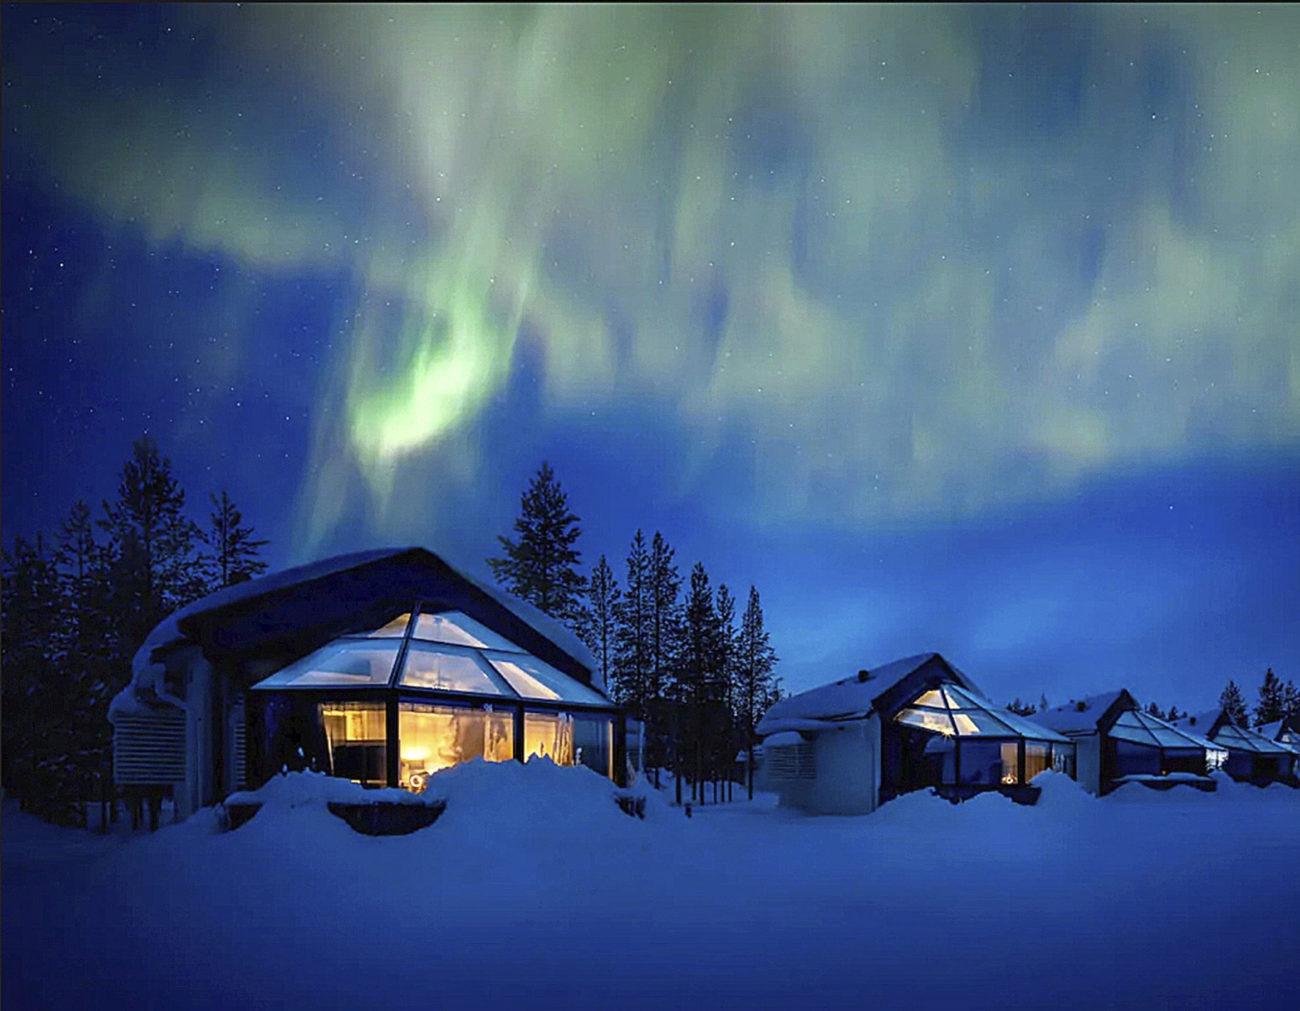 Los iglús del Santas Igloos Arctic Circle, en Rovaniemi, Finlandia,...